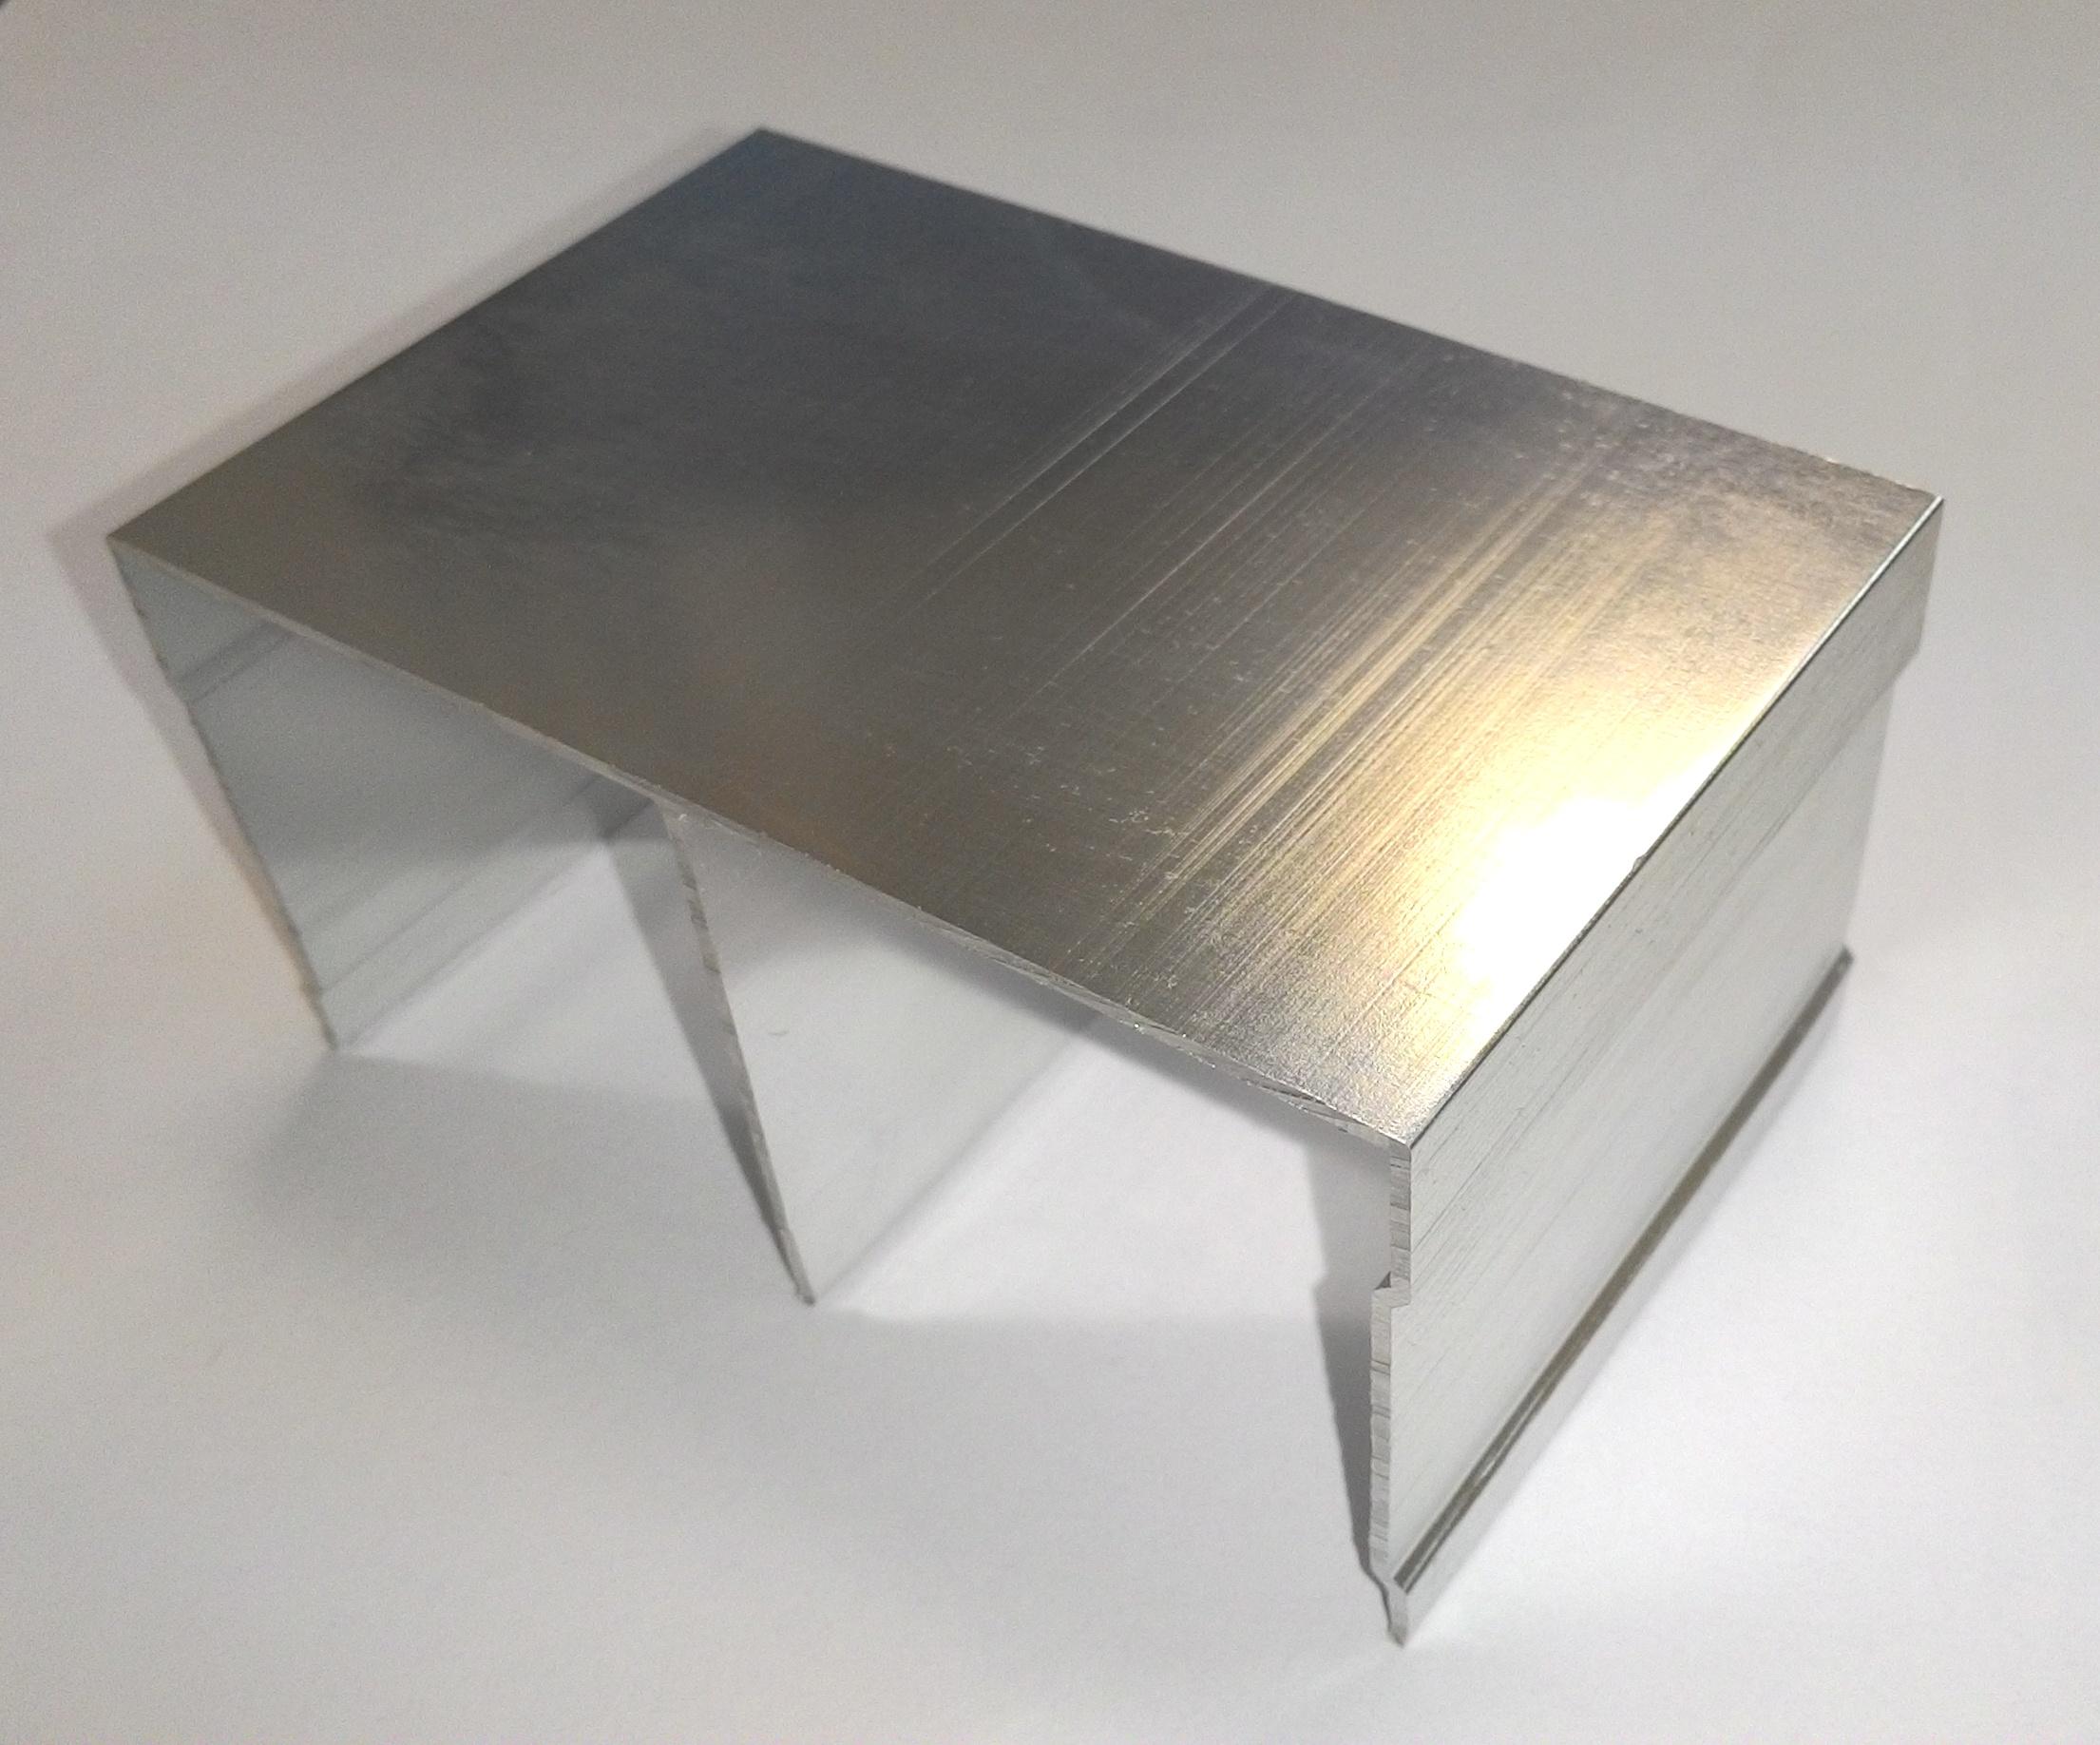 АФ Рельс двойной верхний, BRUSH серебро, 6000мм